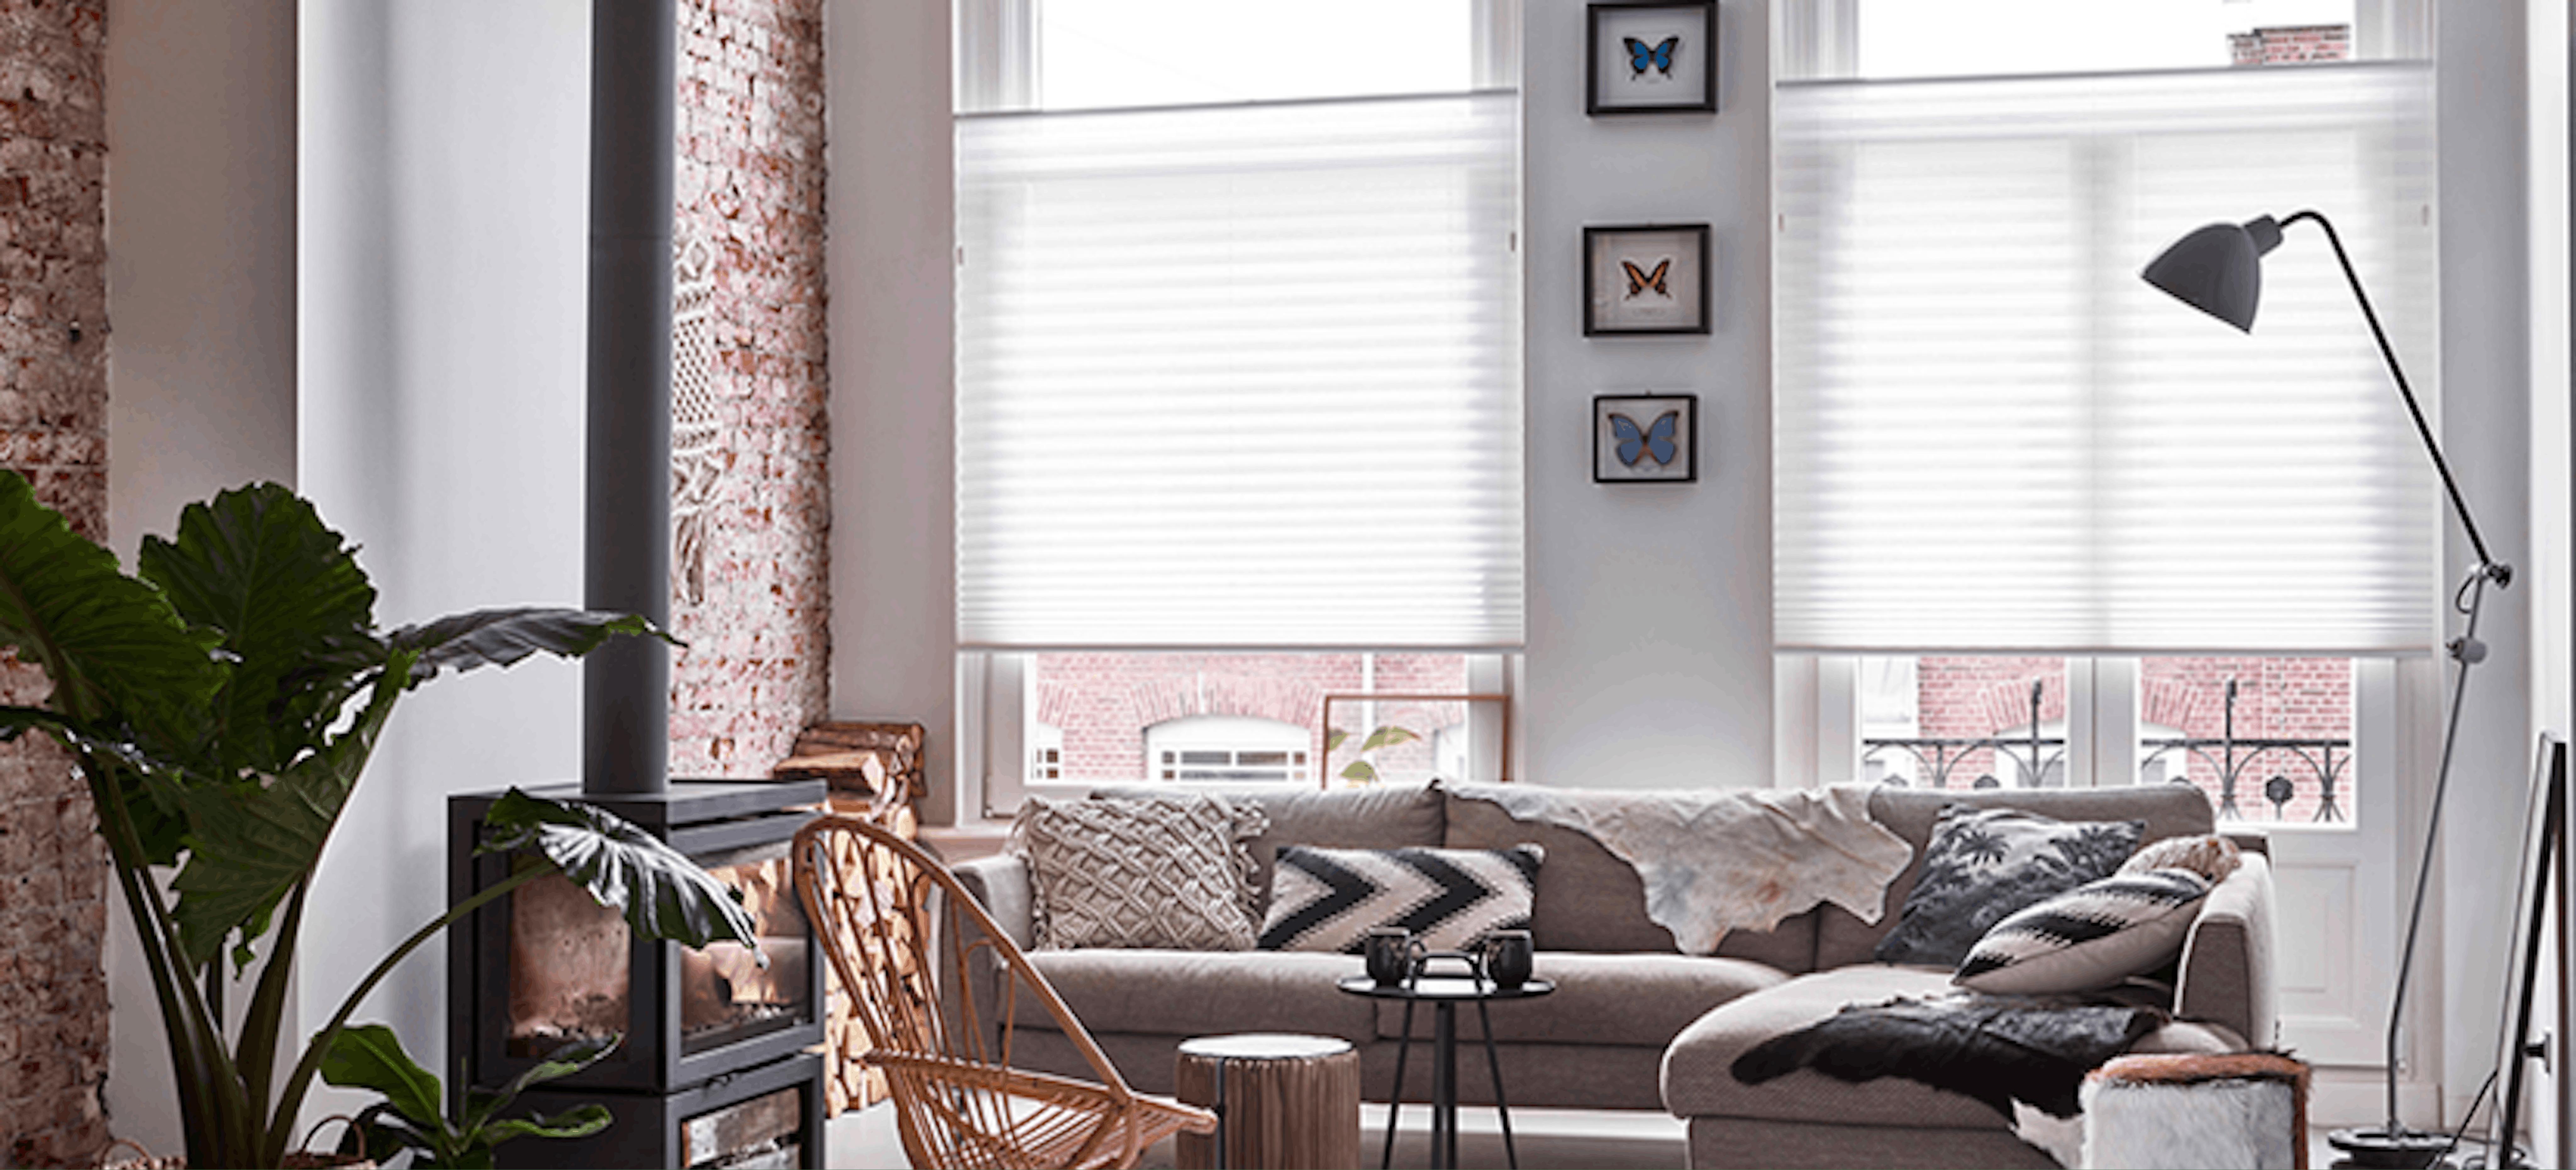 Isolerende raambekleding: ideaal voor de zomer én winter